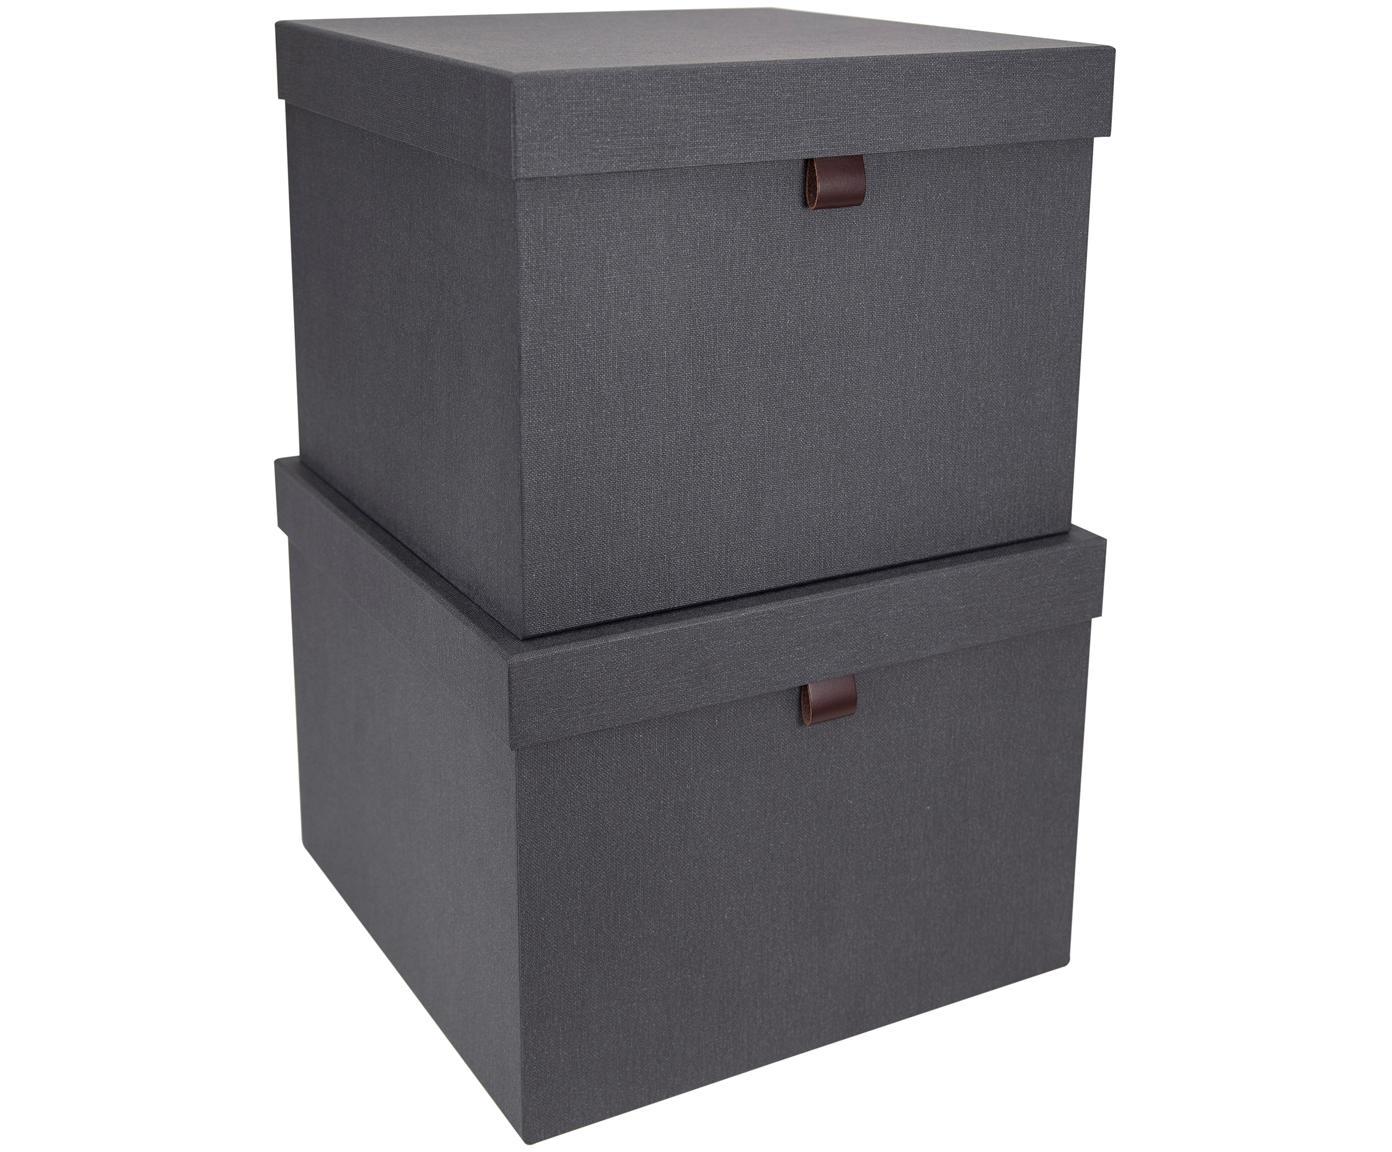 Set scatole custodia Tristan, 2 pz., Scatola: solido, cartone laminato, Antracite, Diverse dimensioni